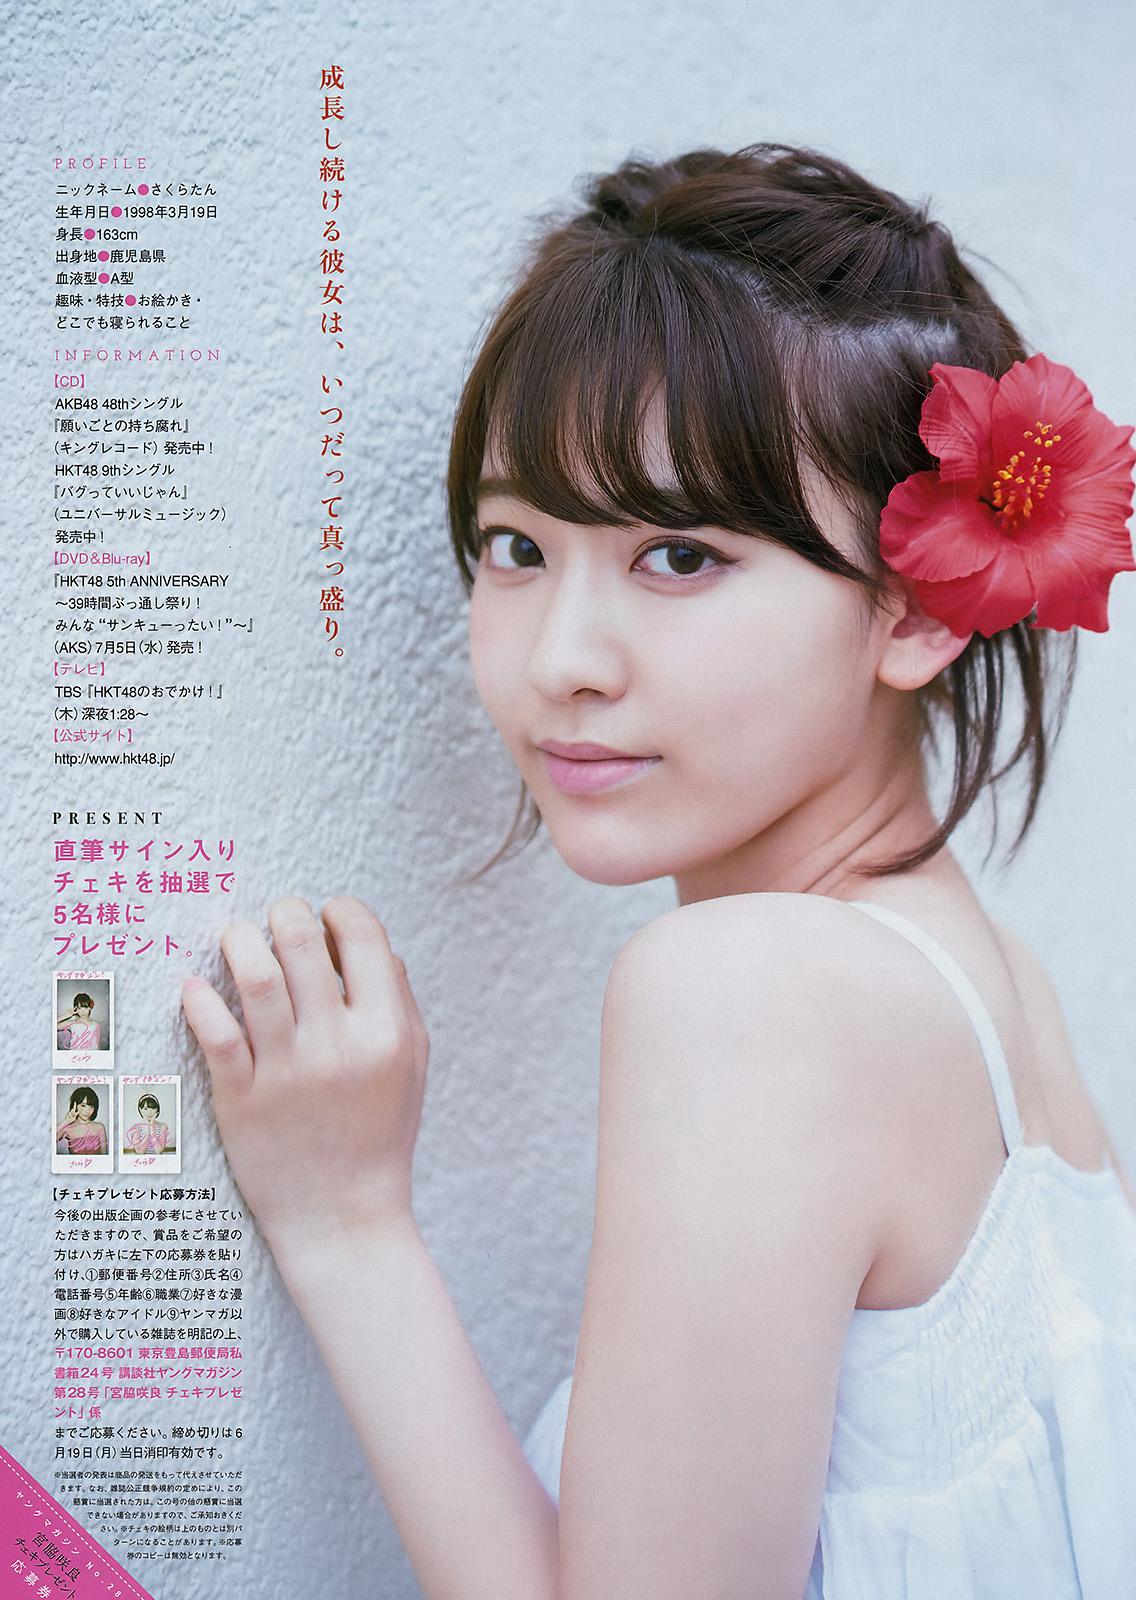 Miyawaki Sakura 宮脇咲良 HKT48, Young Magazine 2017.06.28 No.28 (週刊ヤングマガジン 2017年28号)